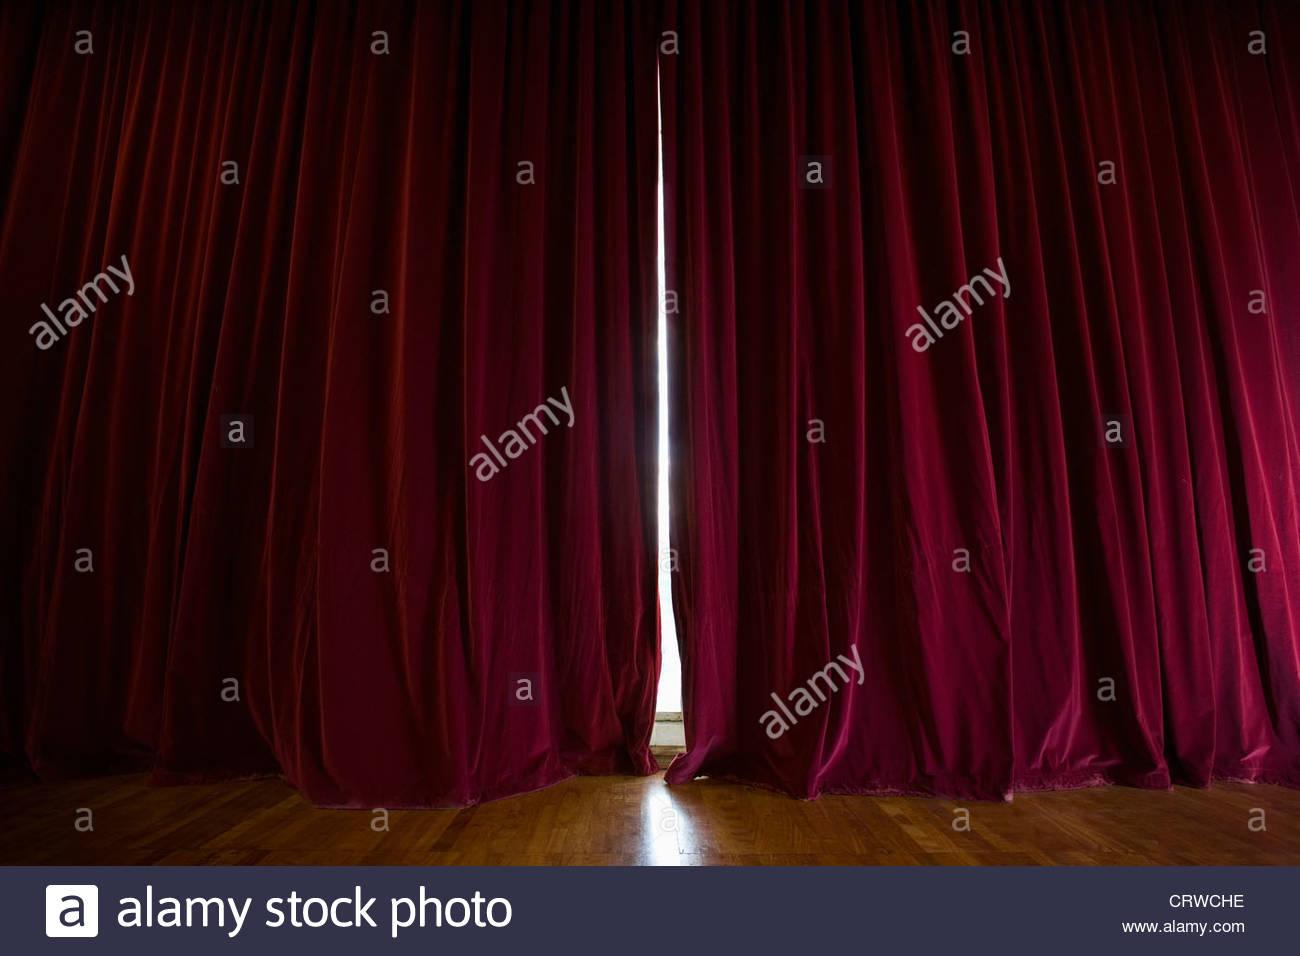 Rideaux de scène Banque D\'Images, Photo Stock: 49116522 - Alamy